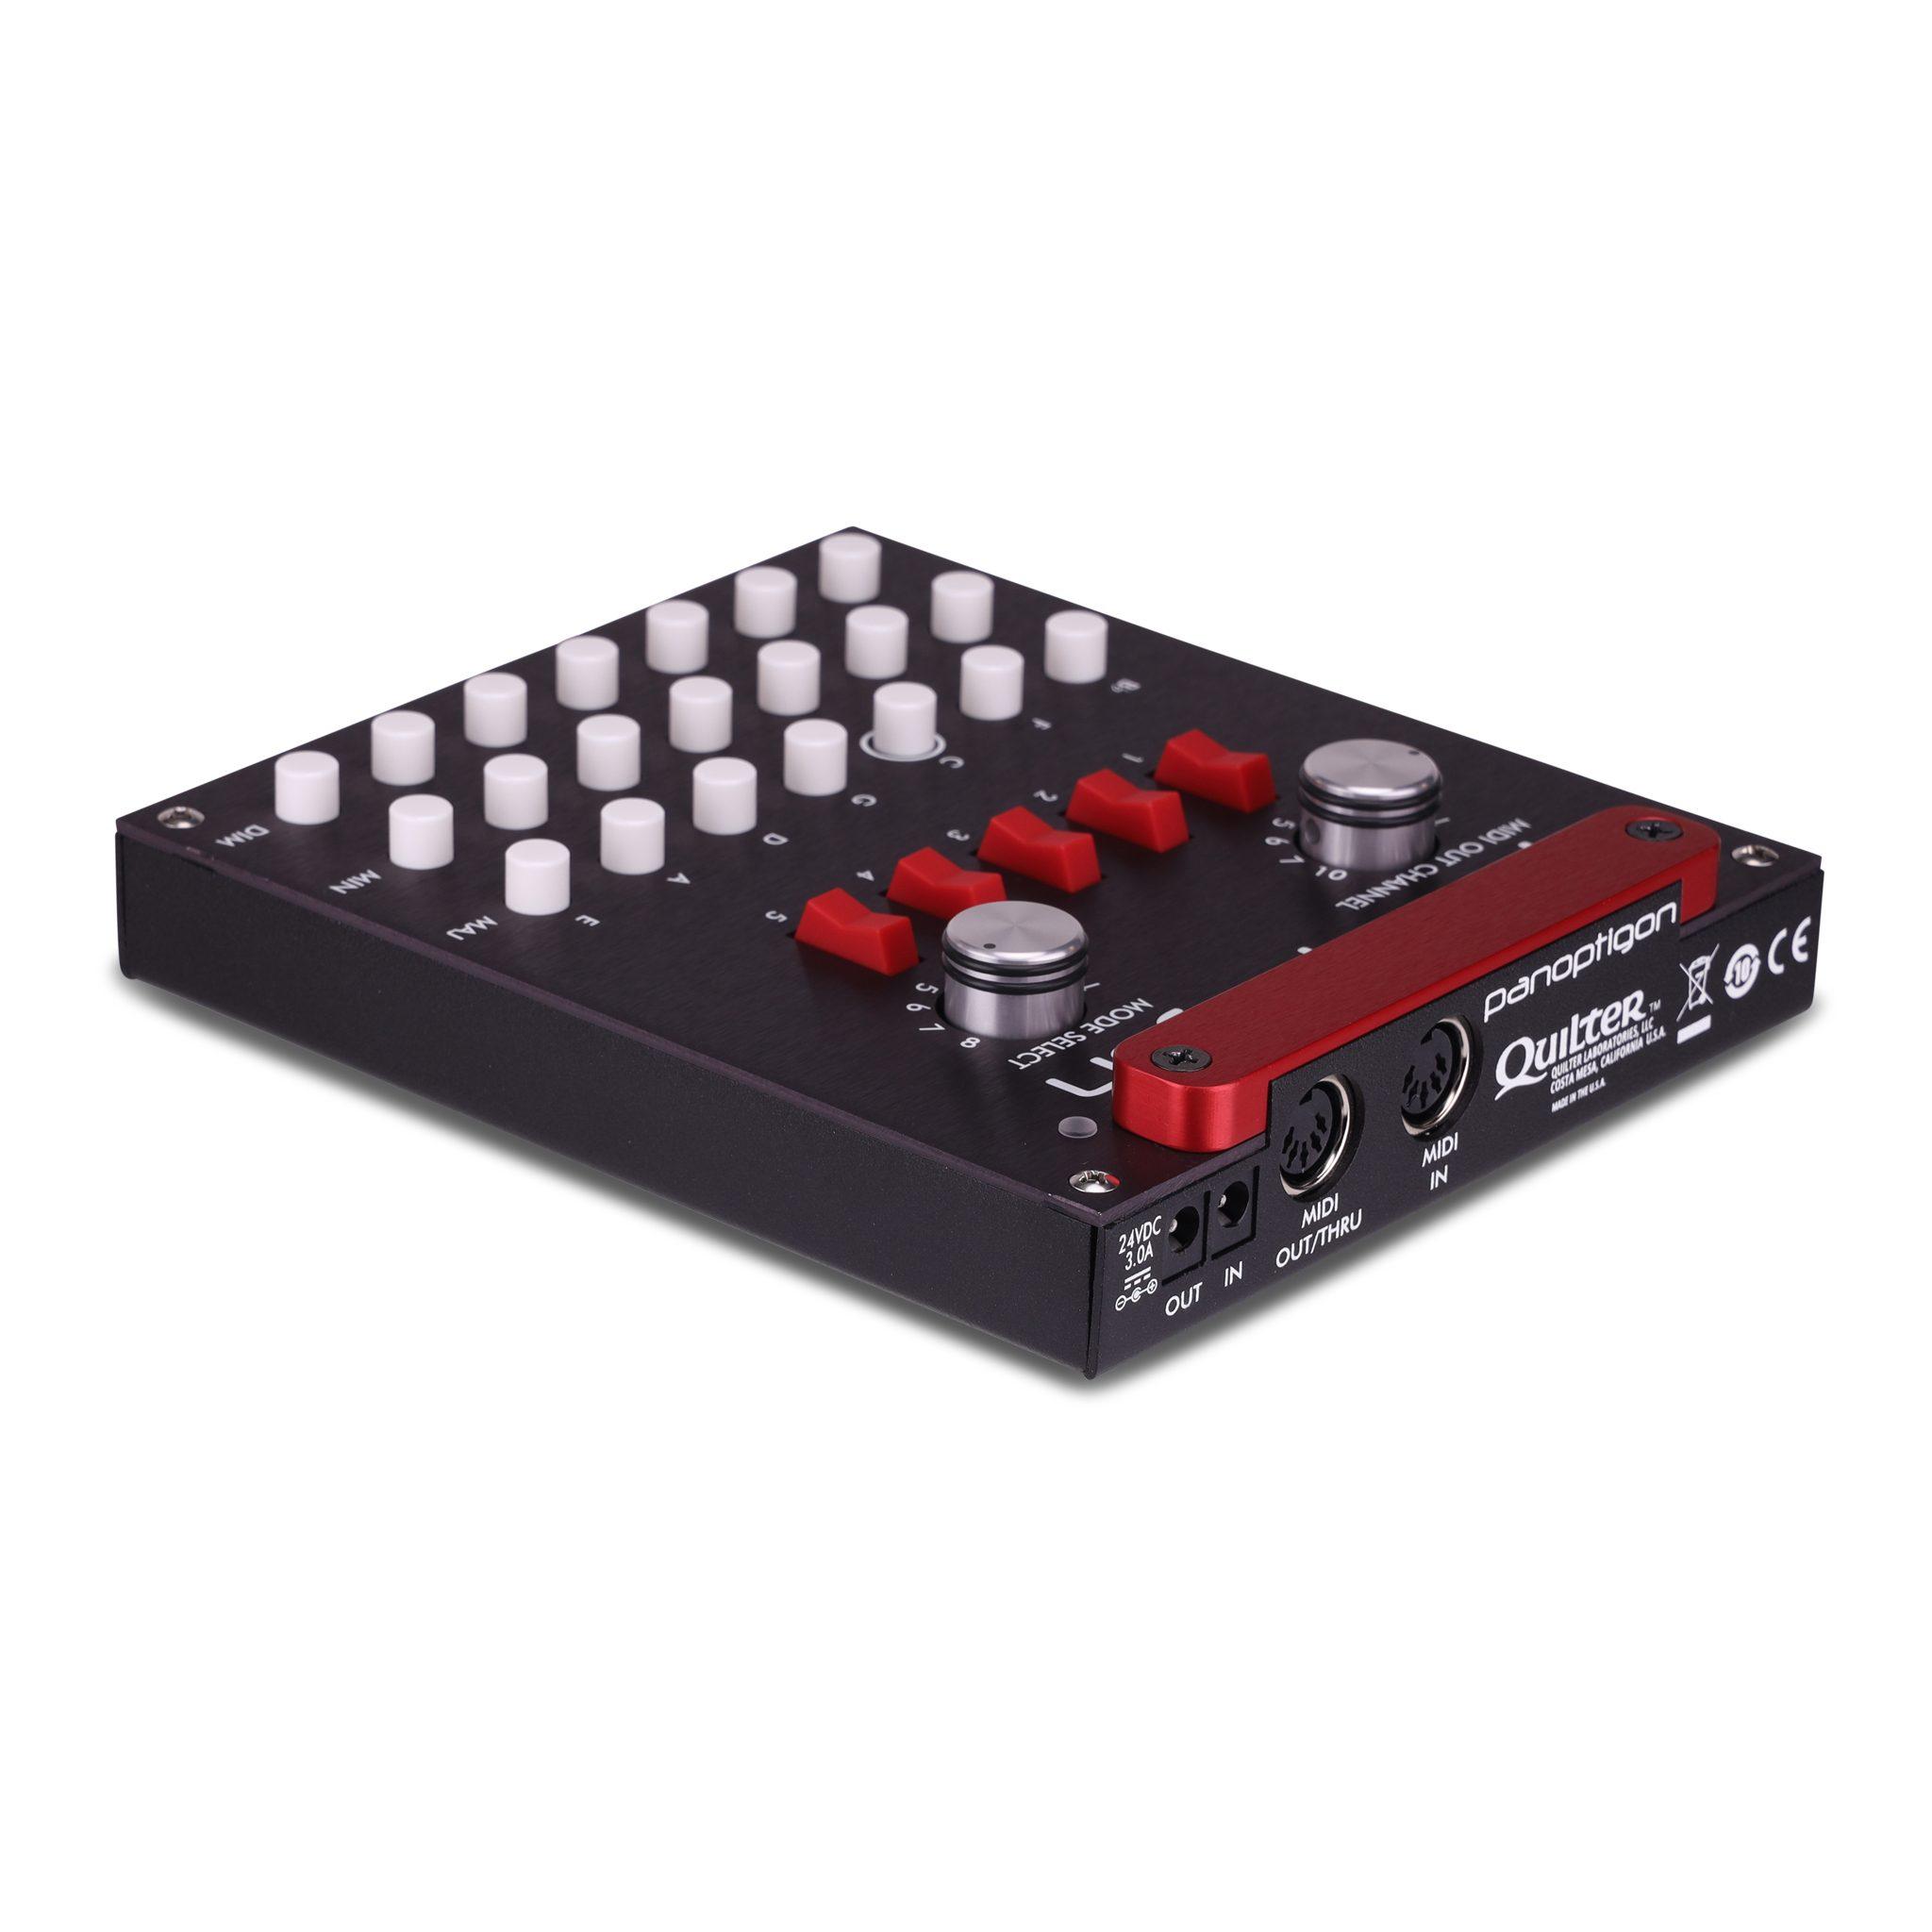 24-panoptigonchordcontroller